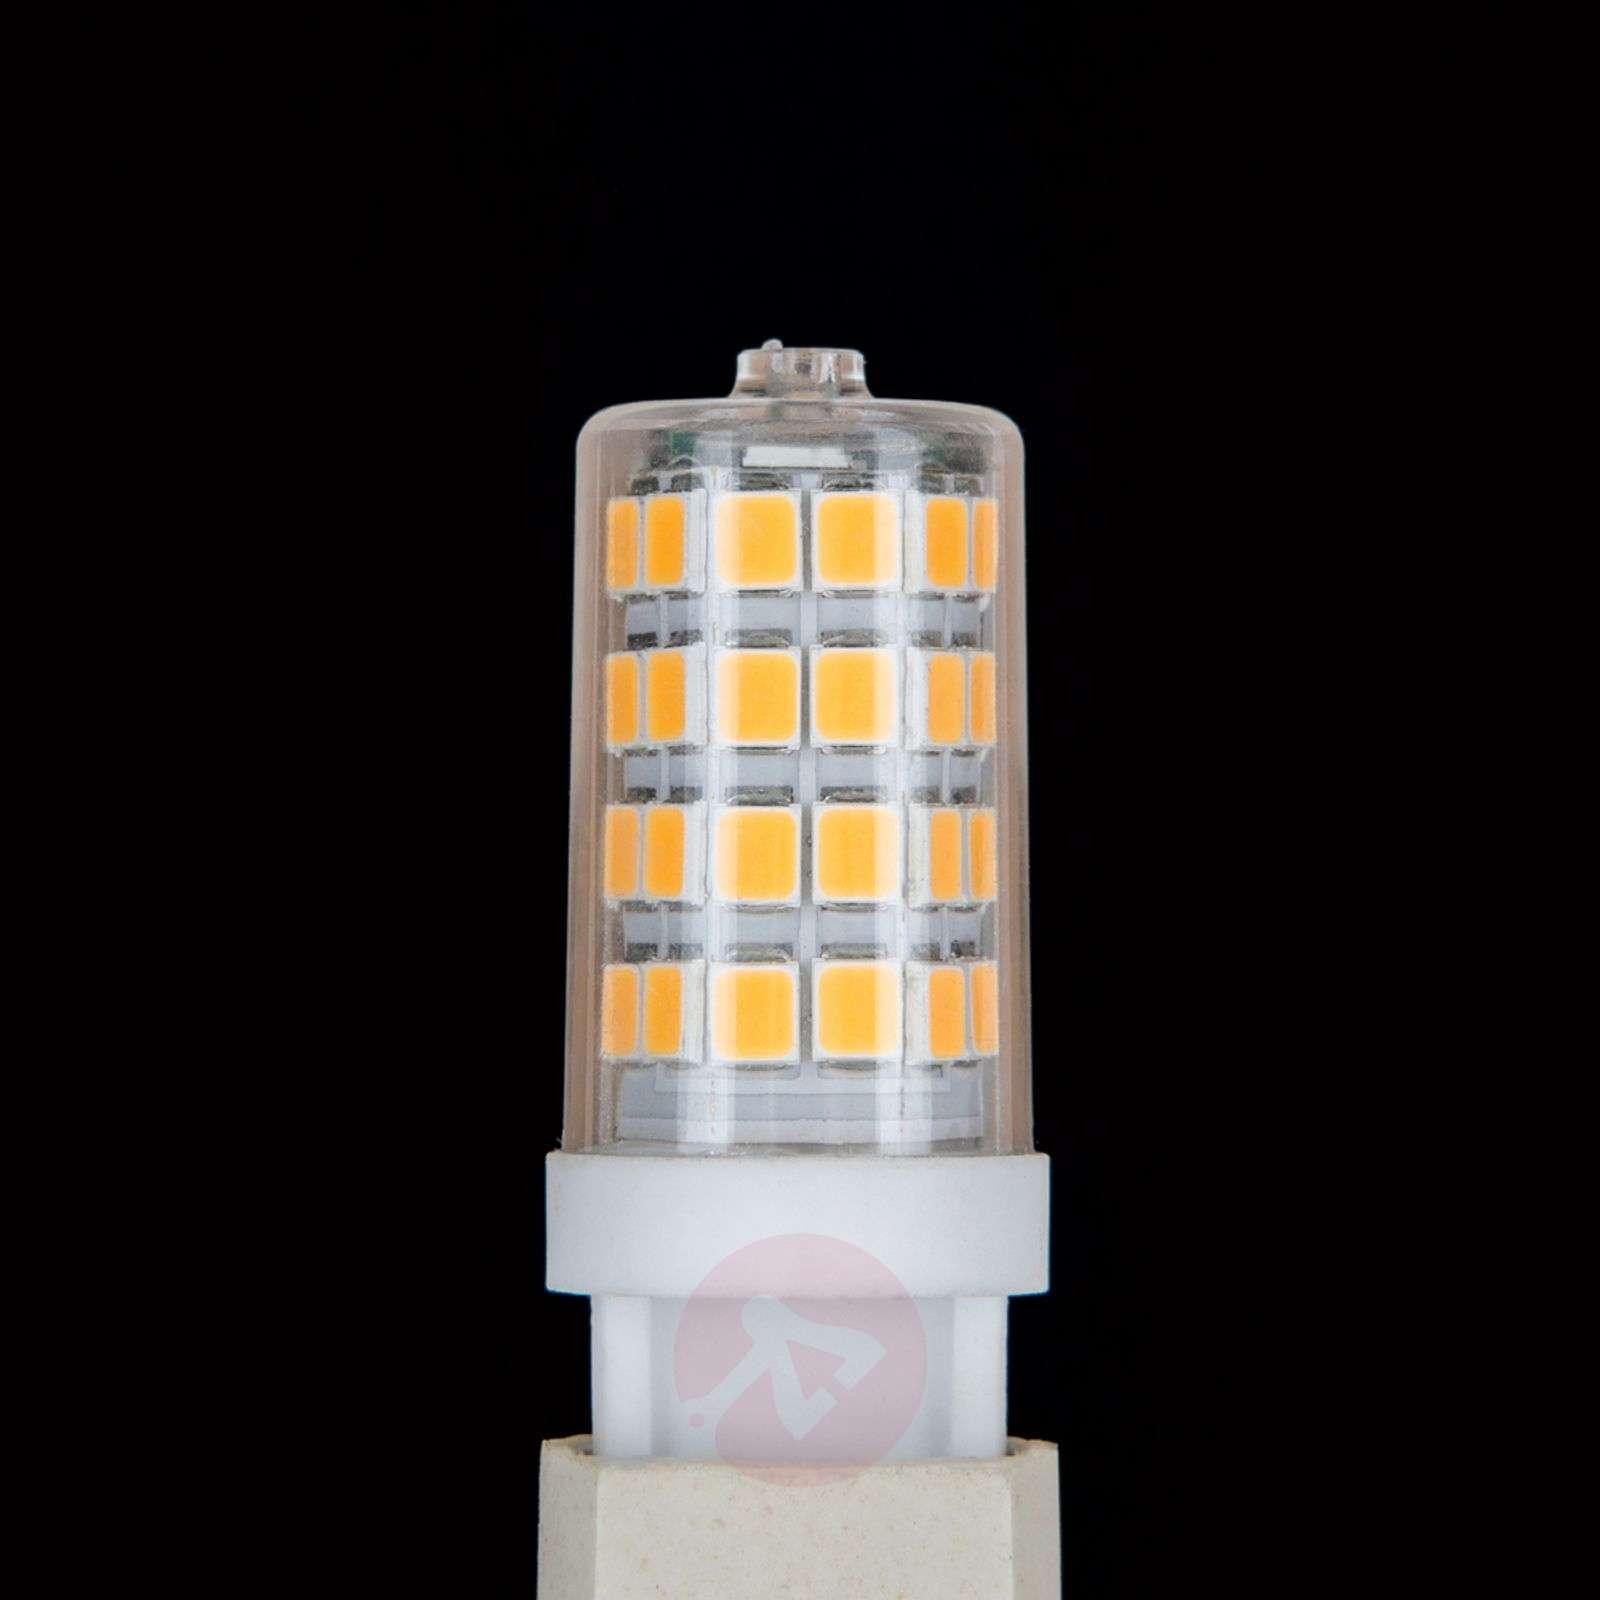 G9 4 W 828 LED-pin-lamppu-7255114-01